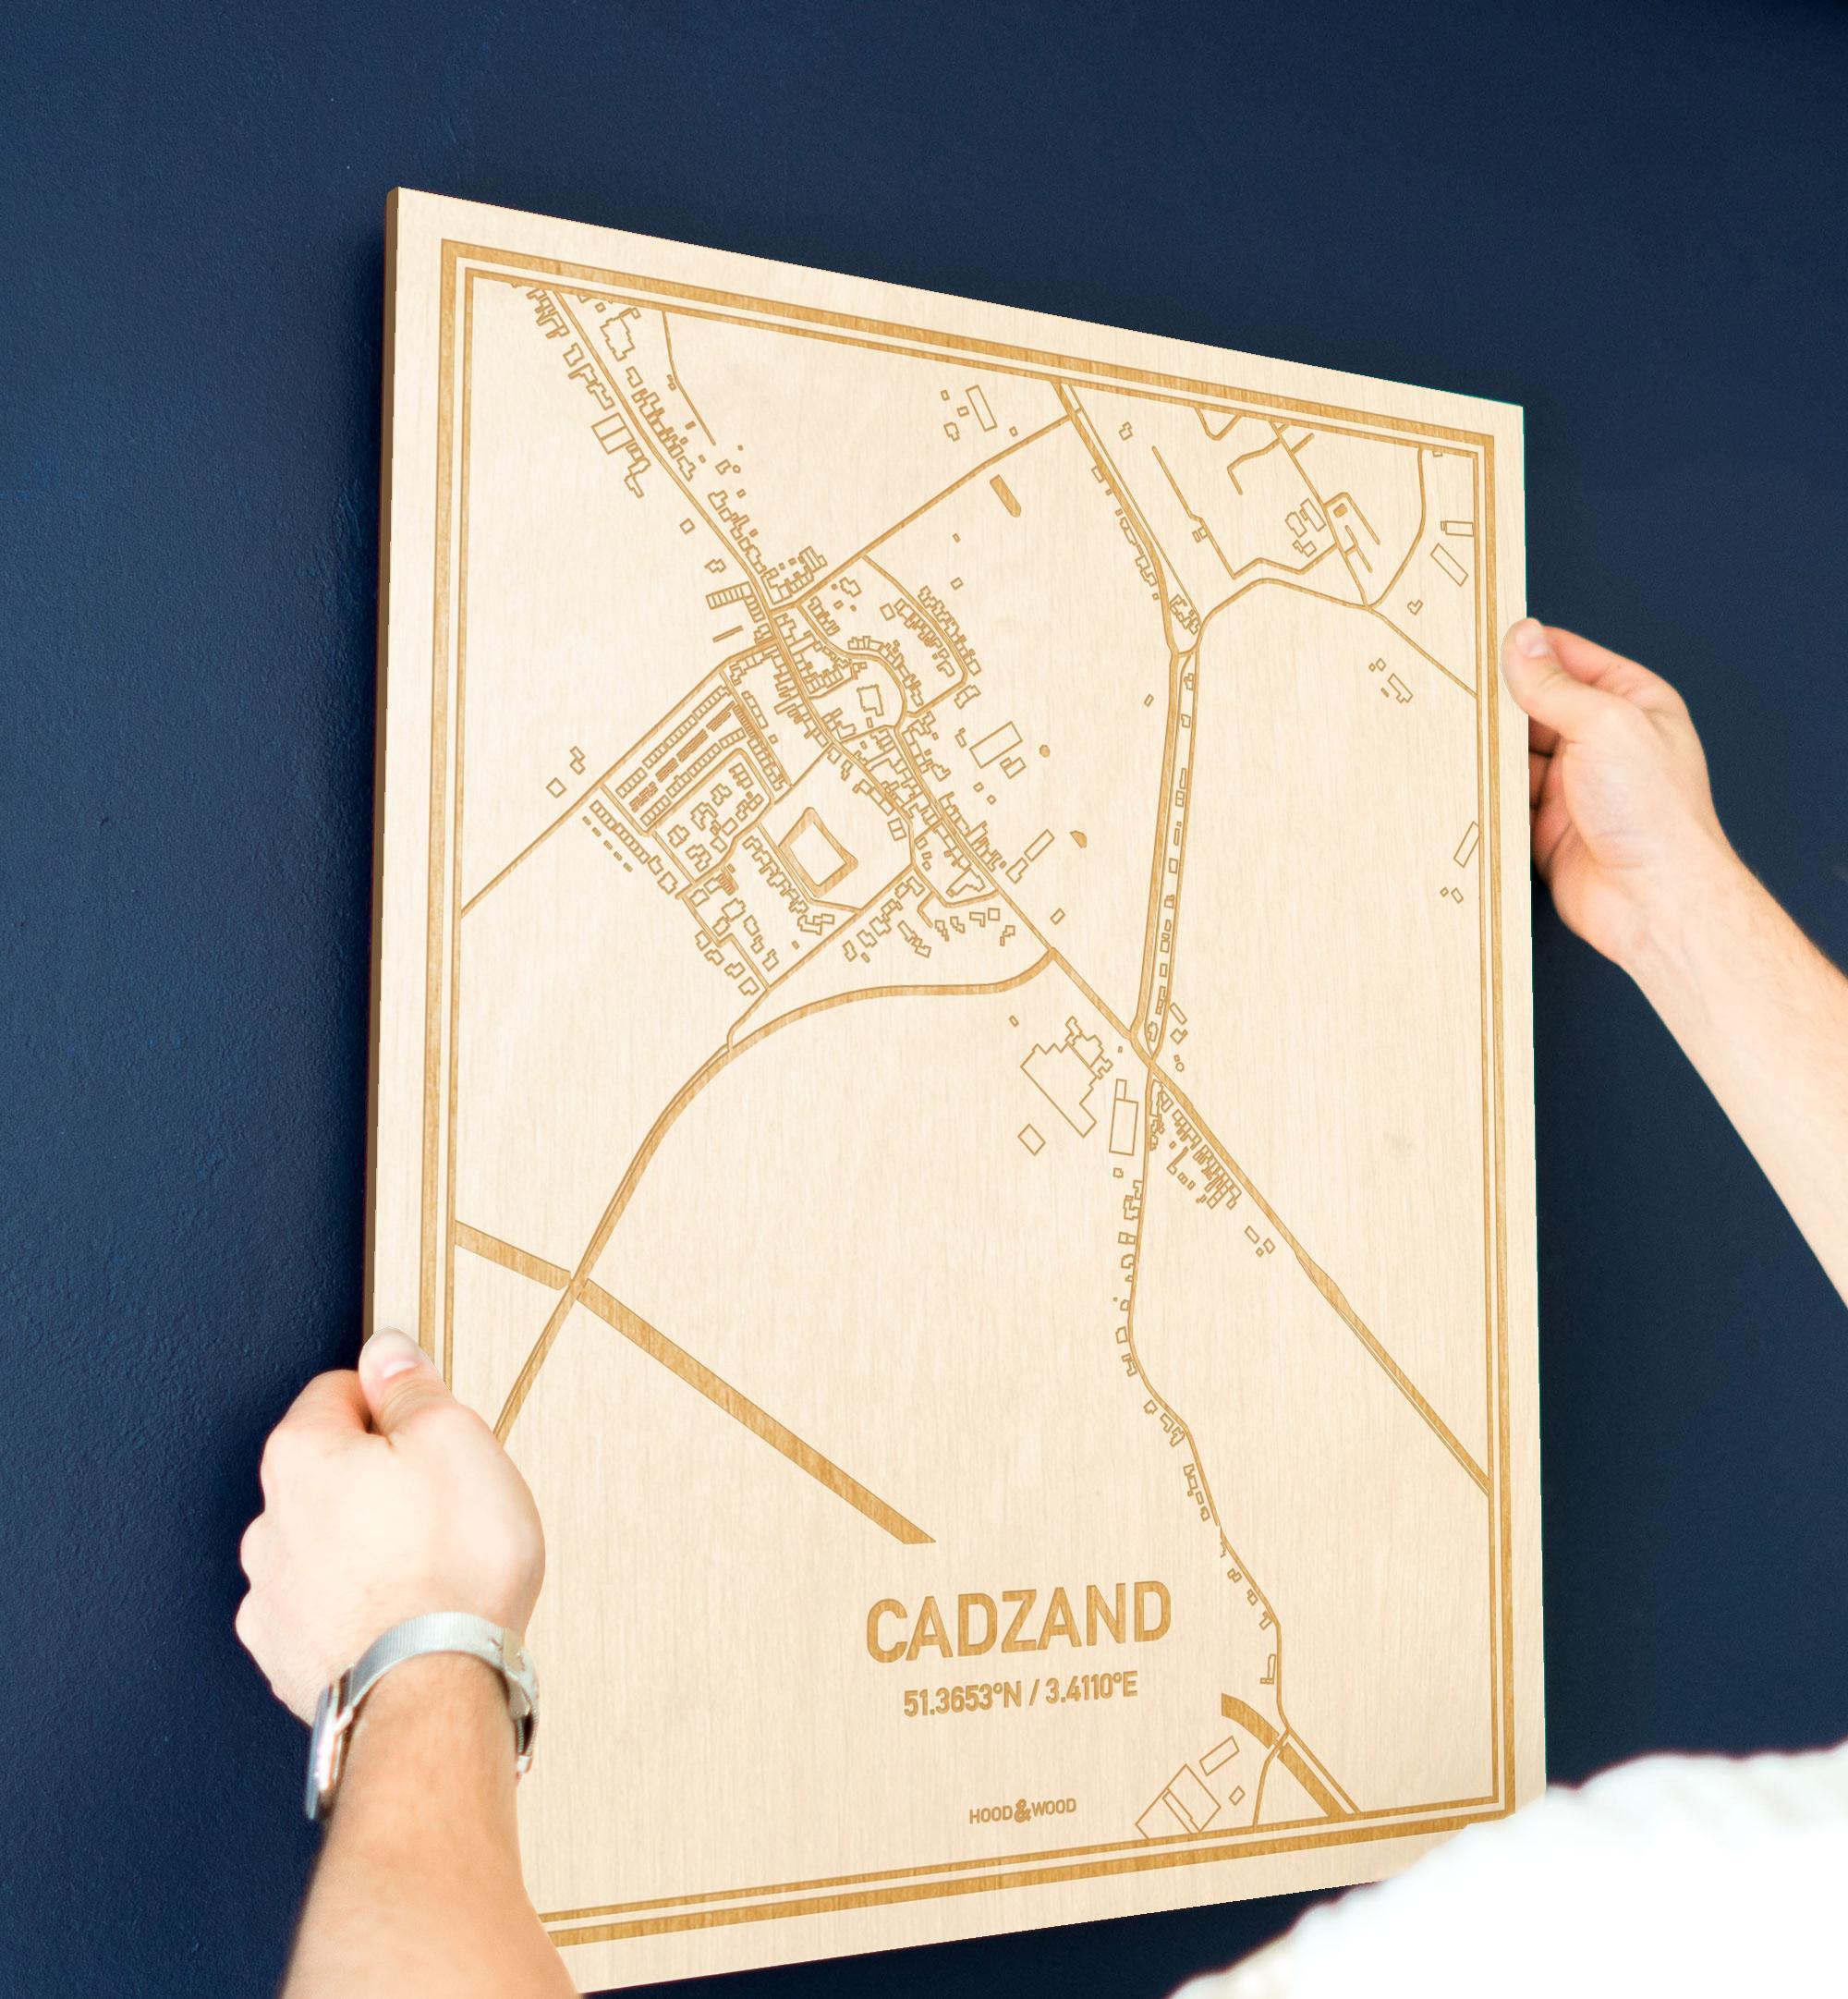 Een man hangt de houten plattegrond Cadzand aan zijn blauwe muur ter decoratie. Je ziet alleen zijn handen de kaart van deze unieke in Zeeland vasthouden.